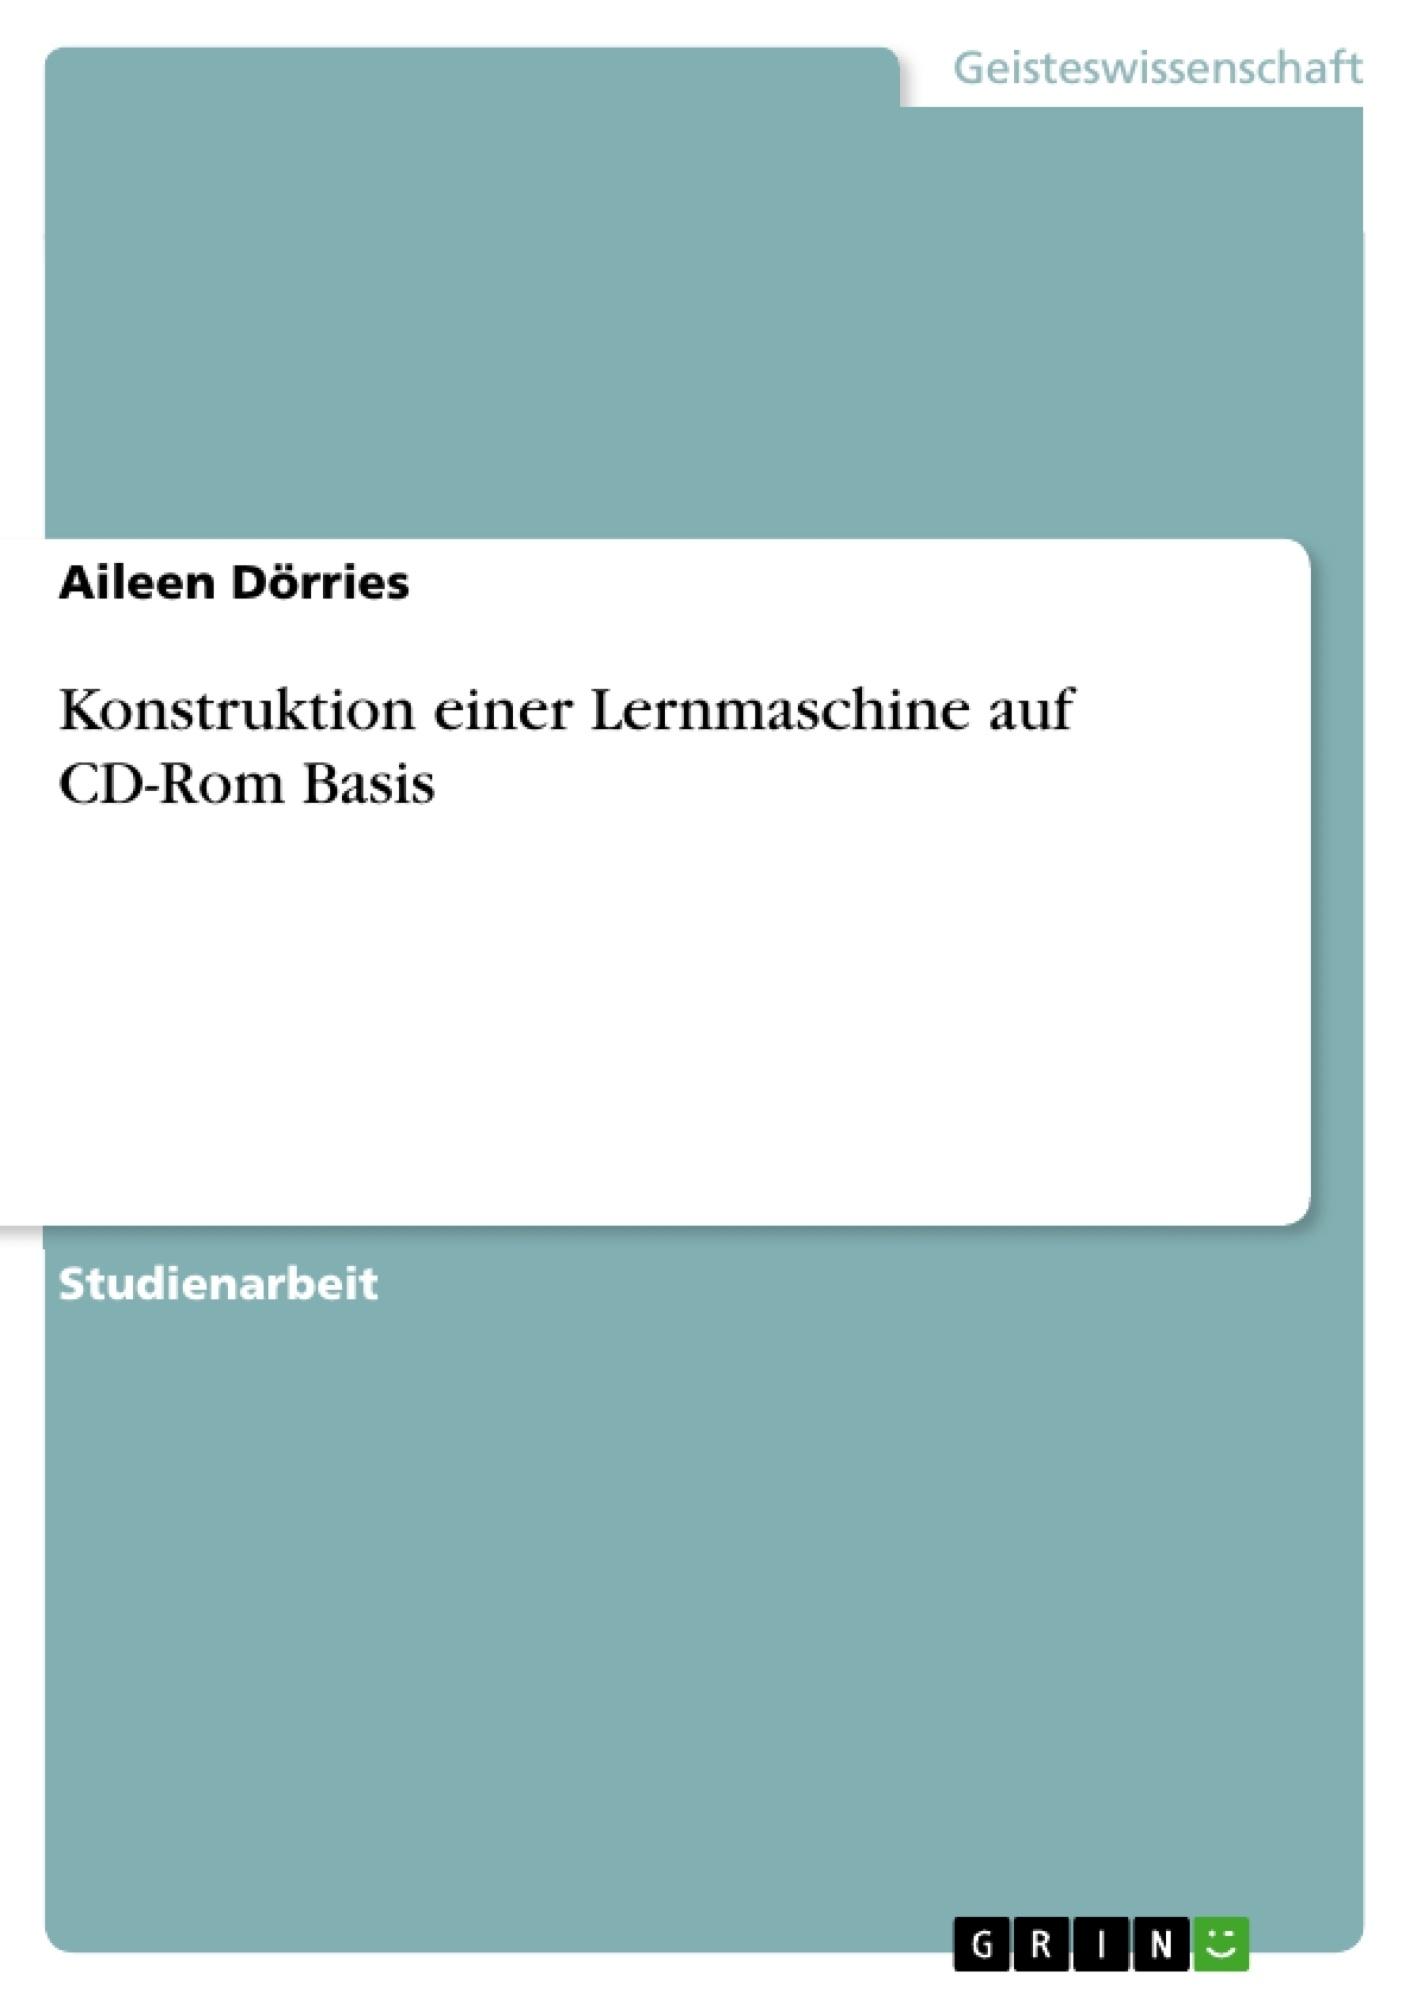 Titel: Konstruktion einer Lernmaschine auf CD-Rom Basis